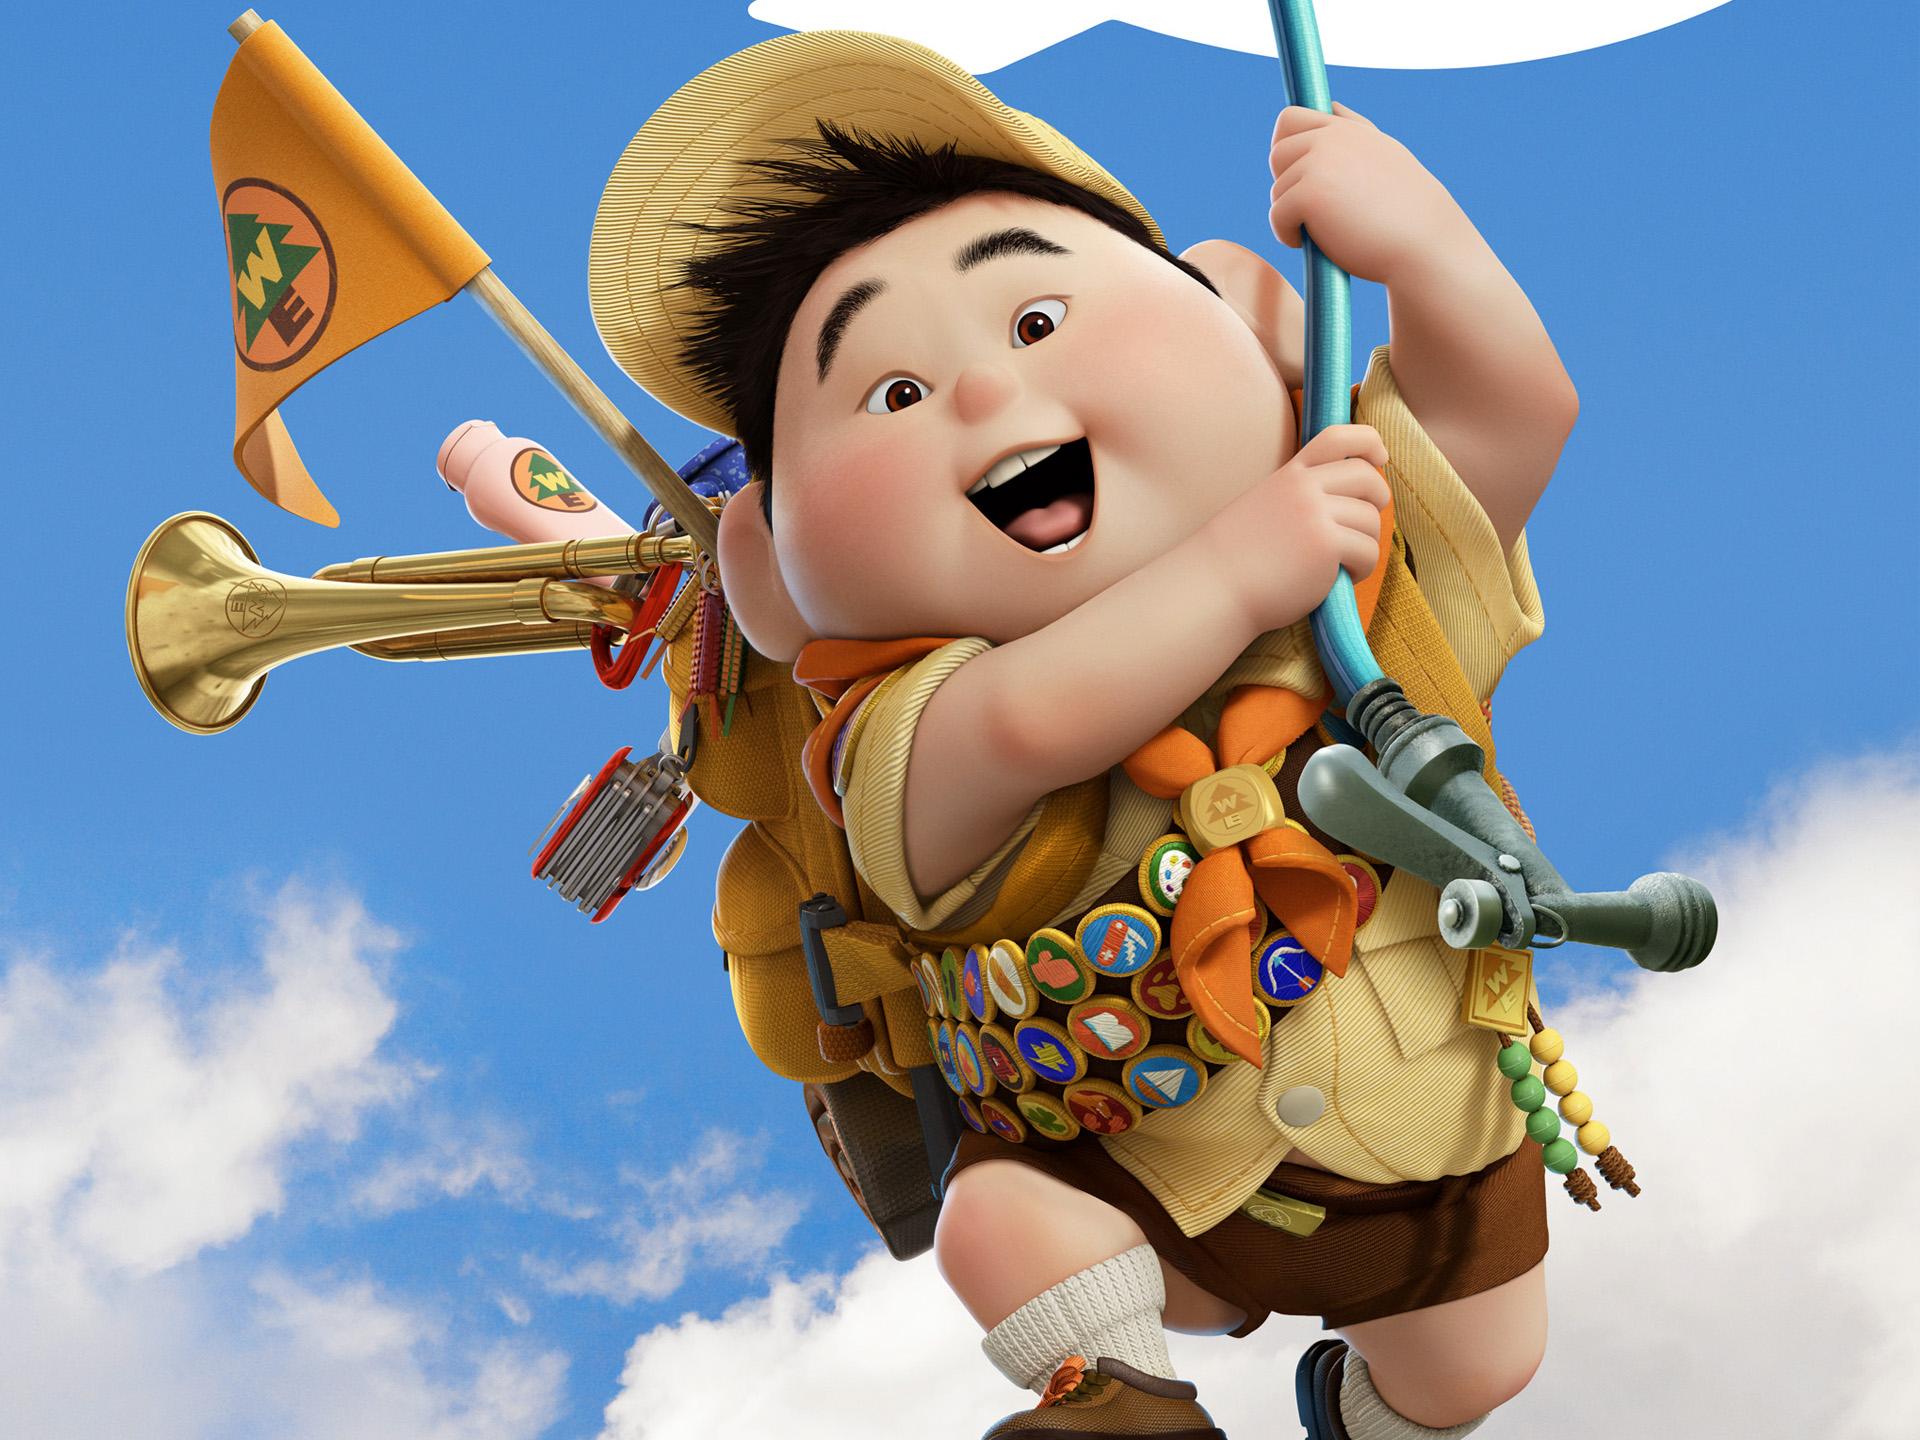 russell boy in pixar